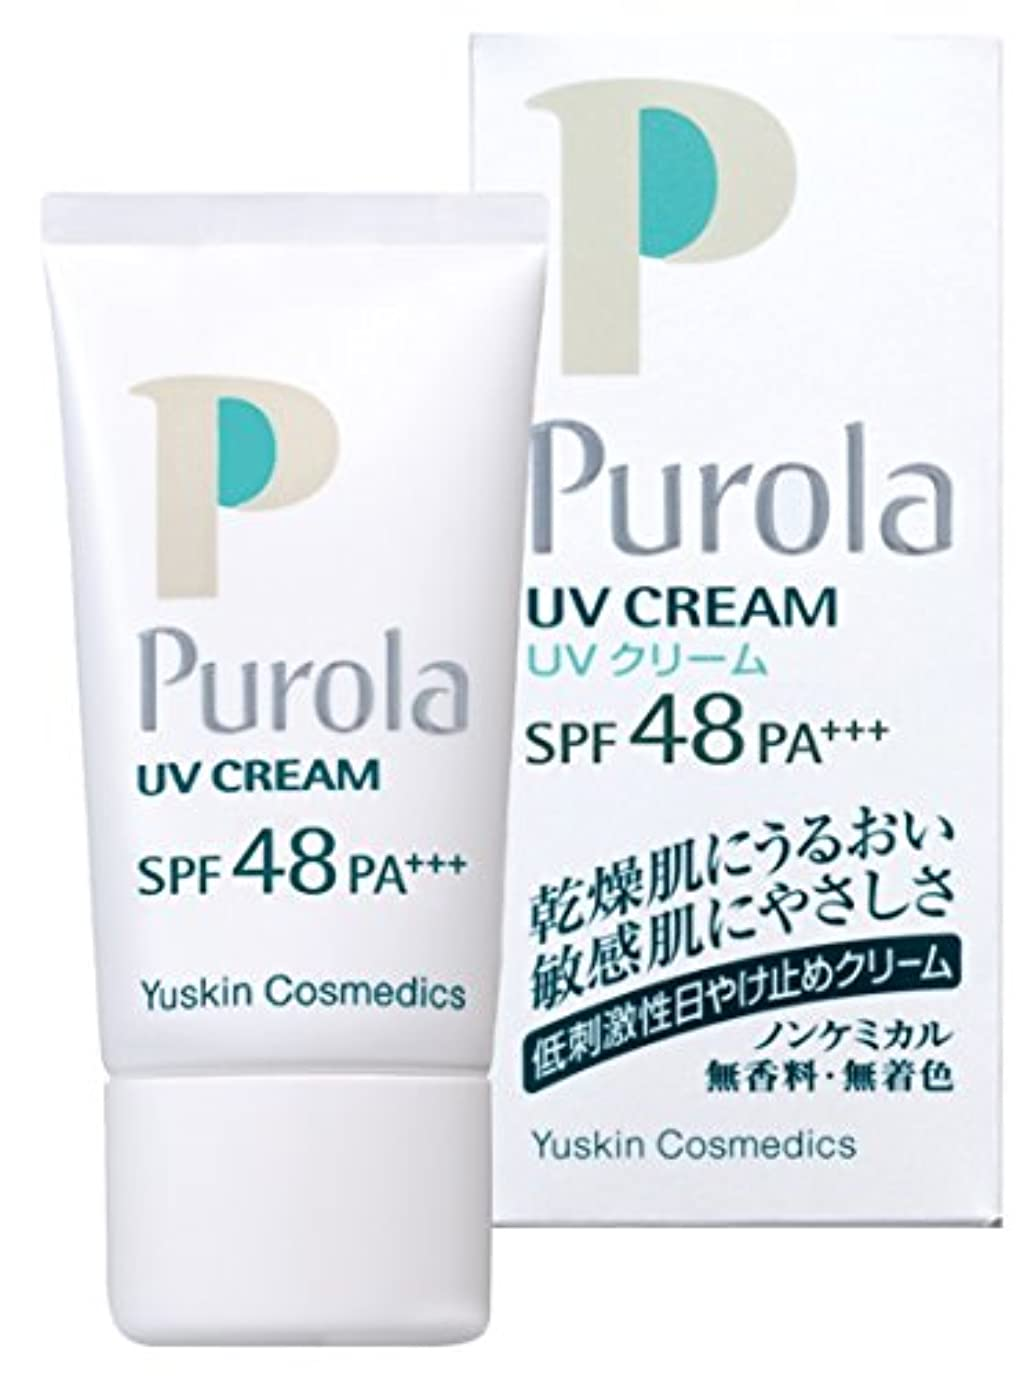 立方体エクスタシー散文プローラ UVクリーム 30g SPF48 PA+++ (敏感肌用 日焼け止め)